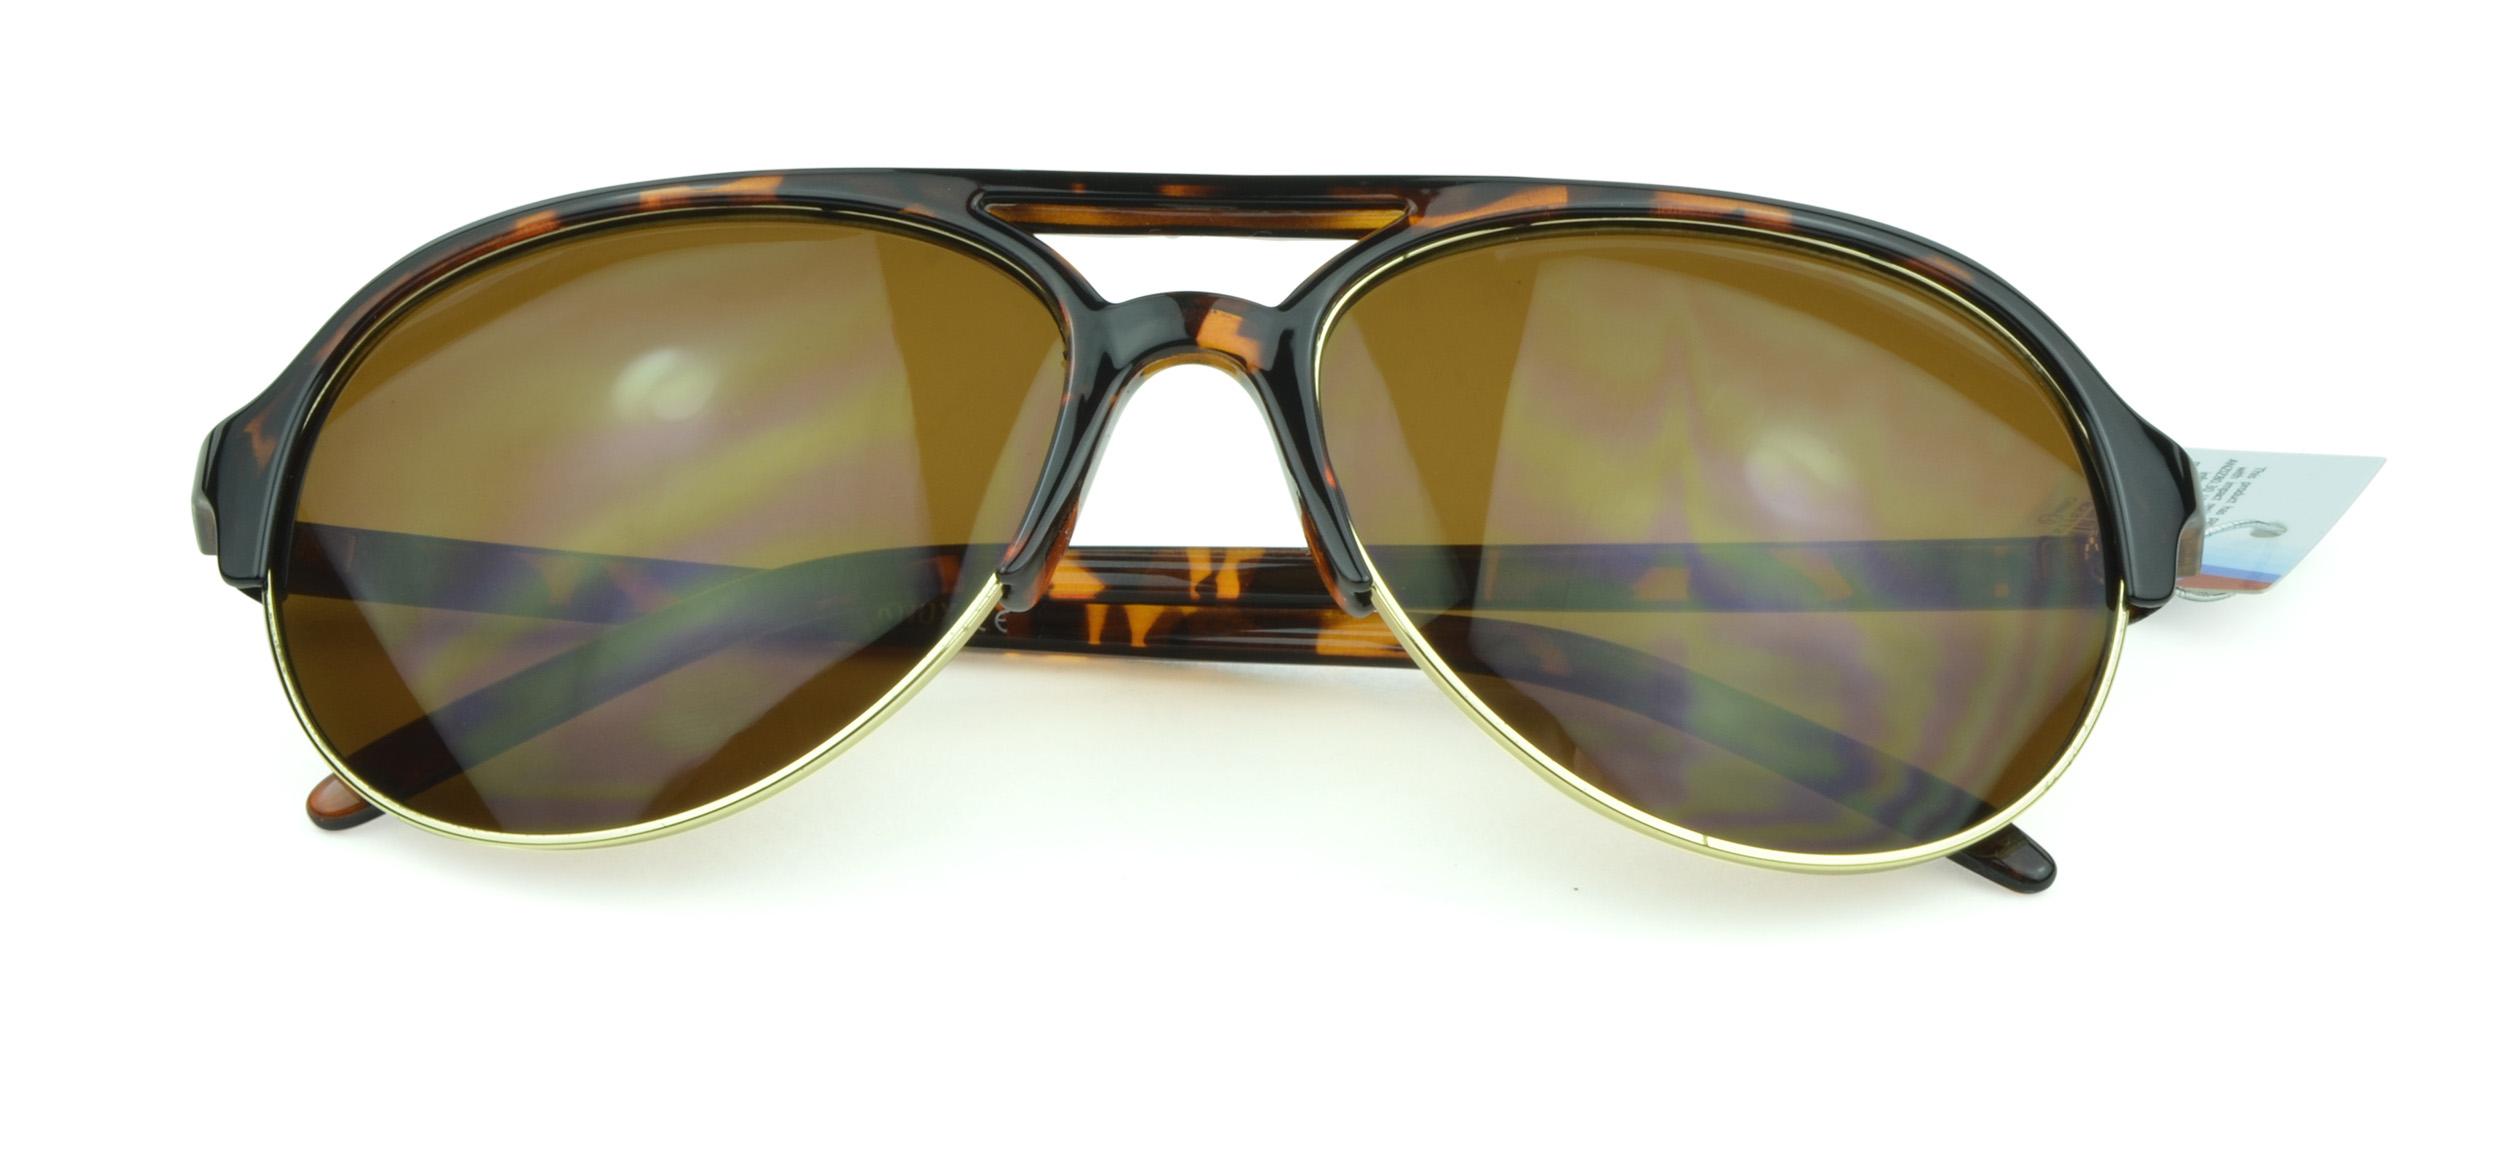 Belle Donne - Oversized Aviator Style Unisex Sunglasses- Tortoise